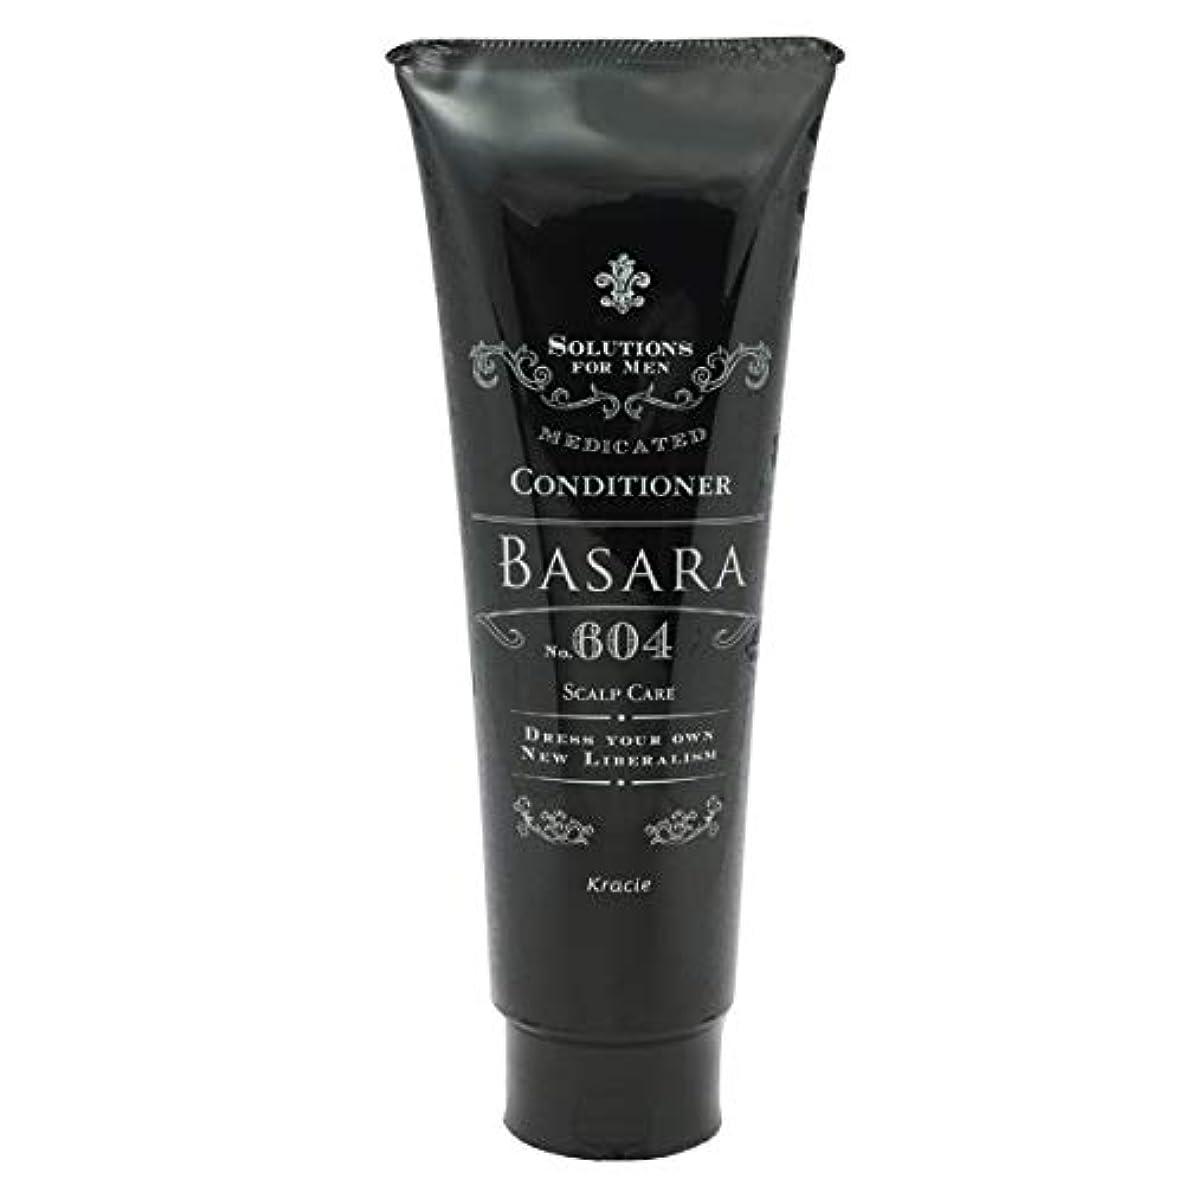 血海峡分解するサロンモード(Salon Mode) クラシエ バサラ 薬用スカルプ コンディショナー 604 250g